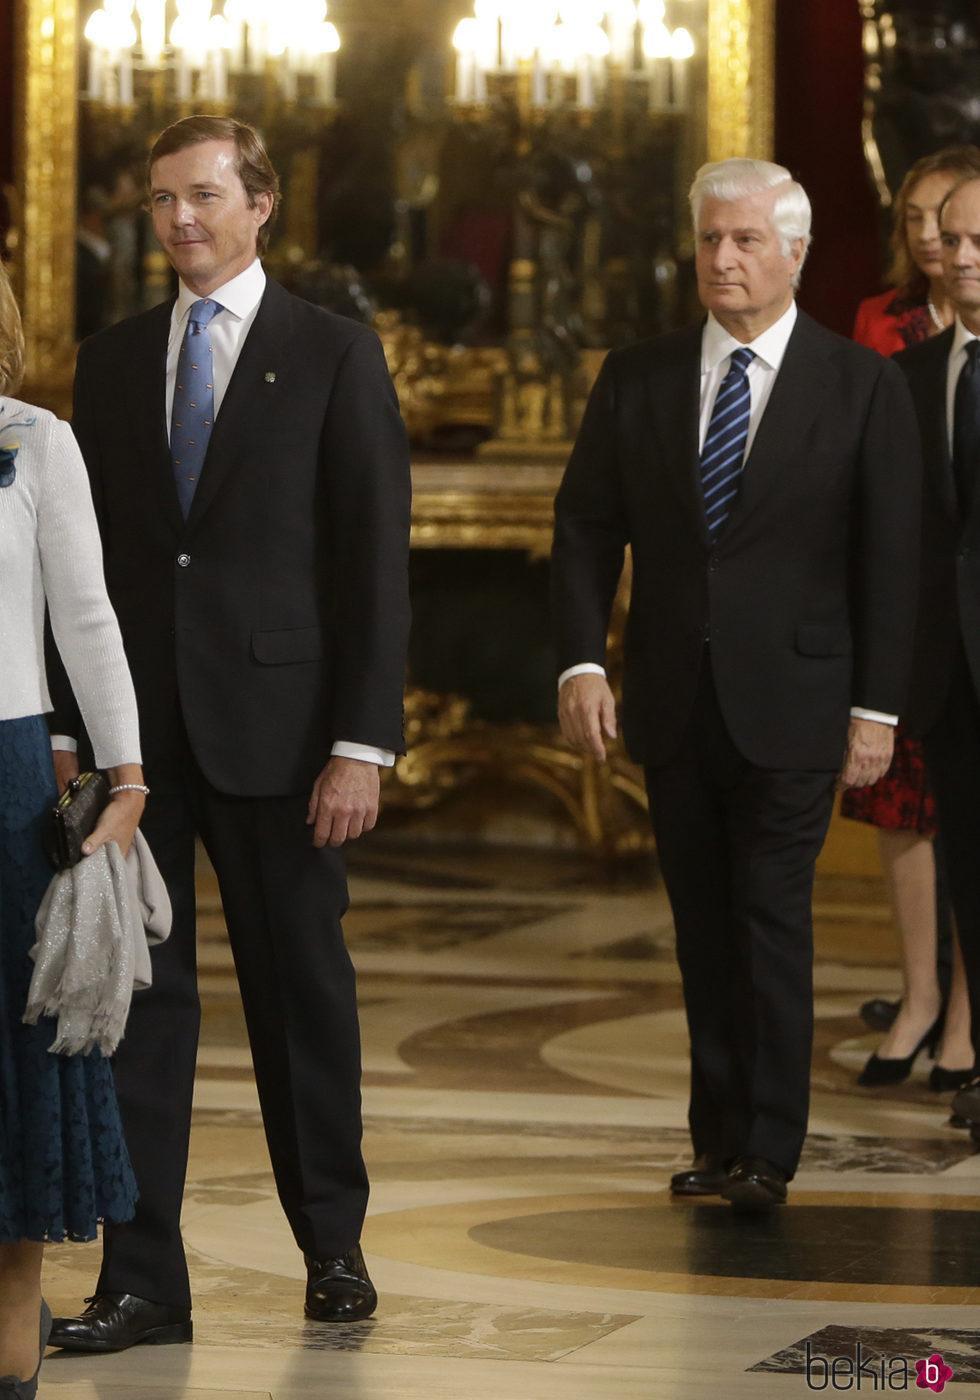 El Duque de Calabria y el Duque de Alba en la recepción del Día de la Hispanidad 2016